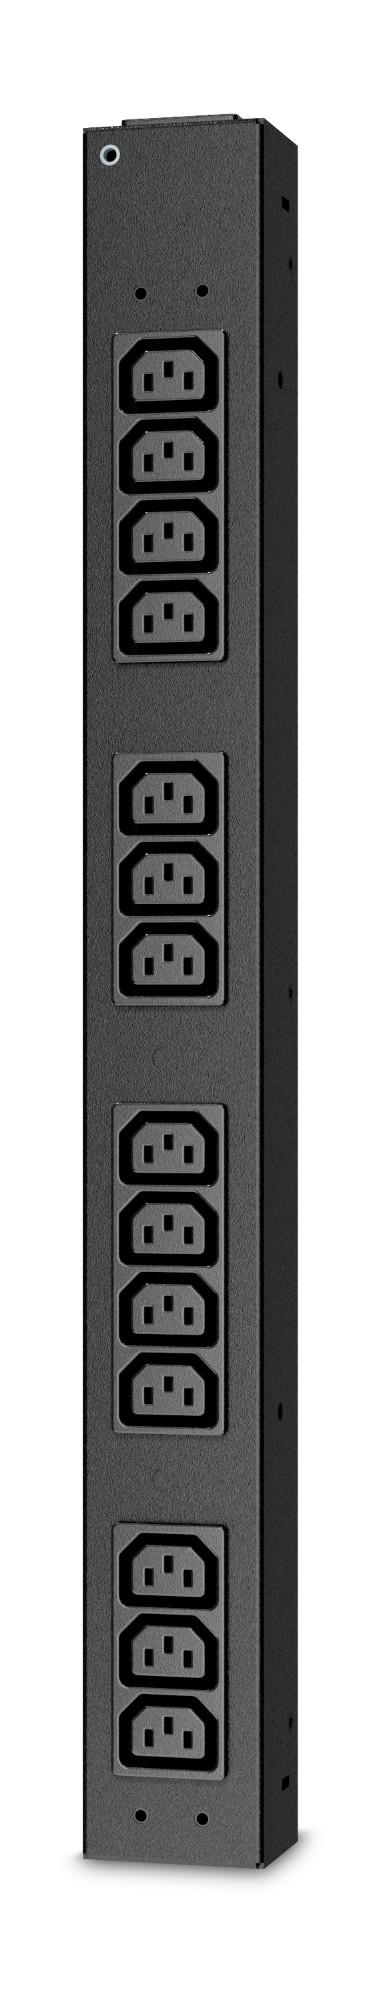 APC AP6003A unidad de distribución de energía (PDU) Negro 14 salidas AC